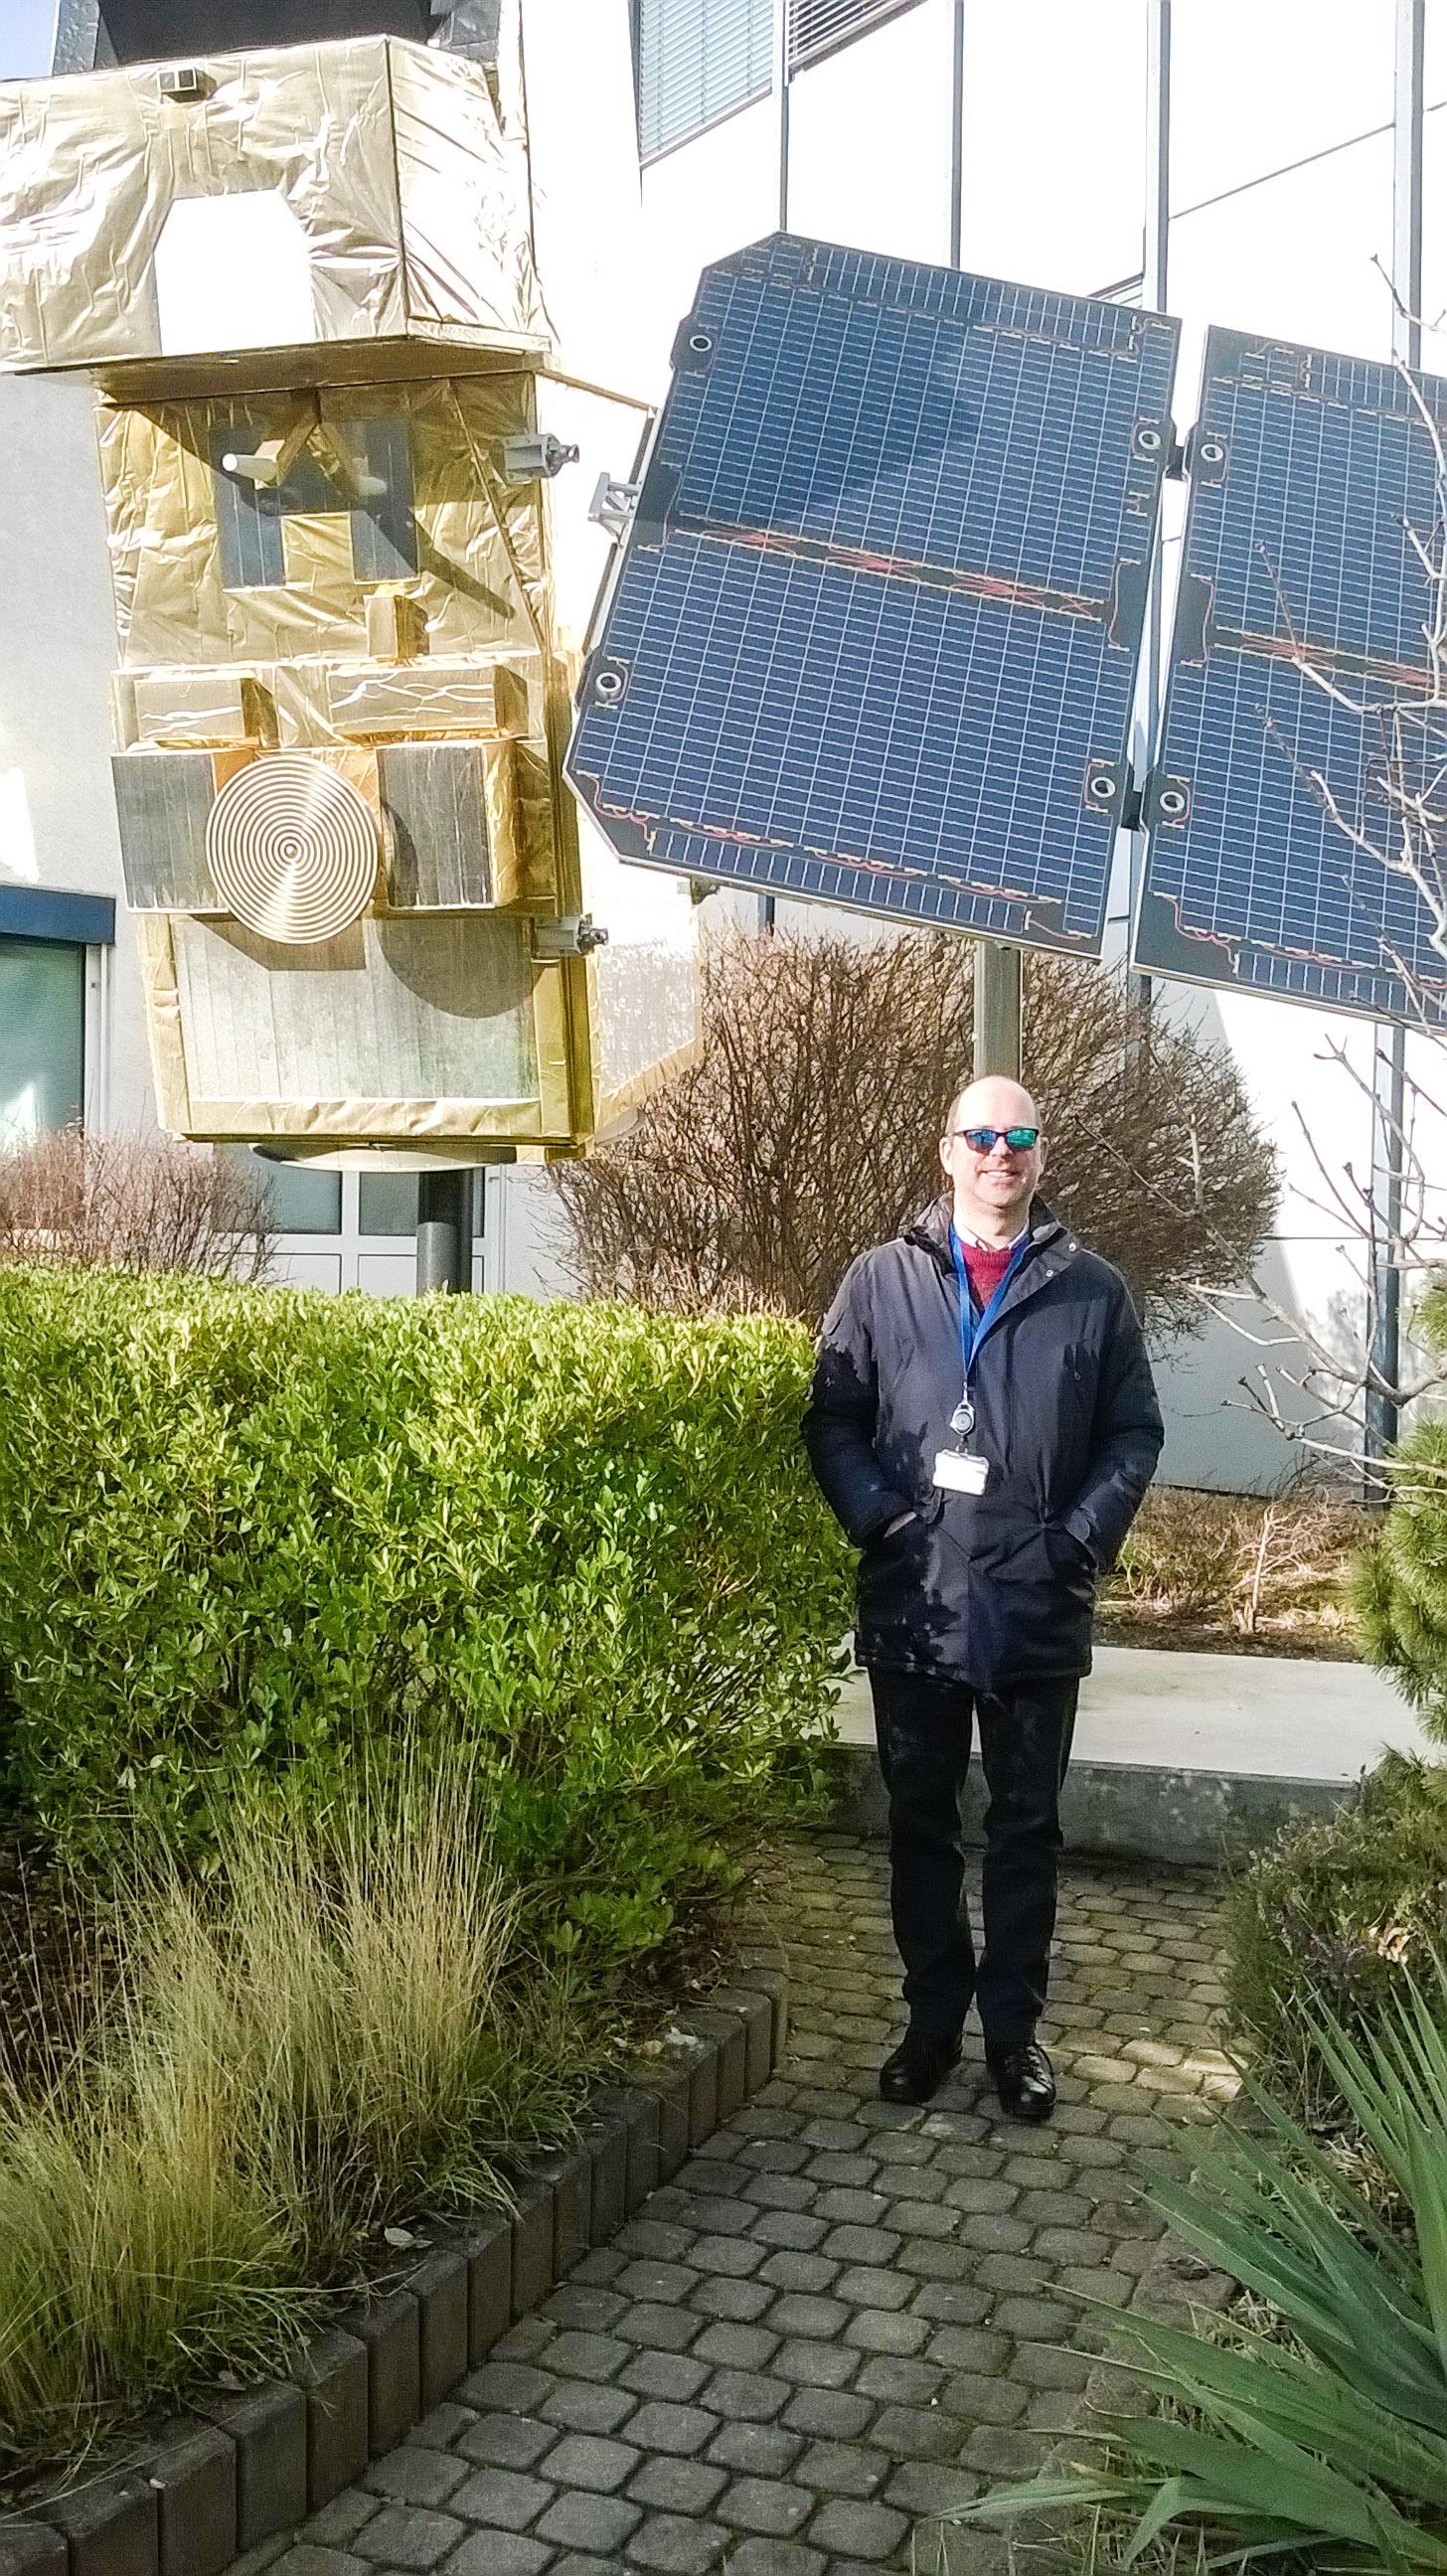 Giovanni Bonini, accanto a un modello di un satellite per l'osservazione della Terra, presso il centro per le operazioni spaziali dell'agenzia spaziale europea (esa/esoc).